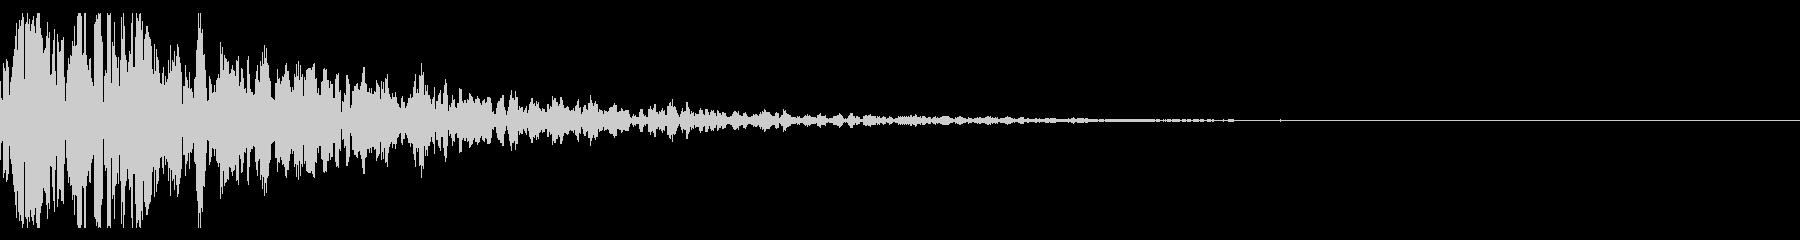 ドーン-10-1(インパクト音)の未再生の波形